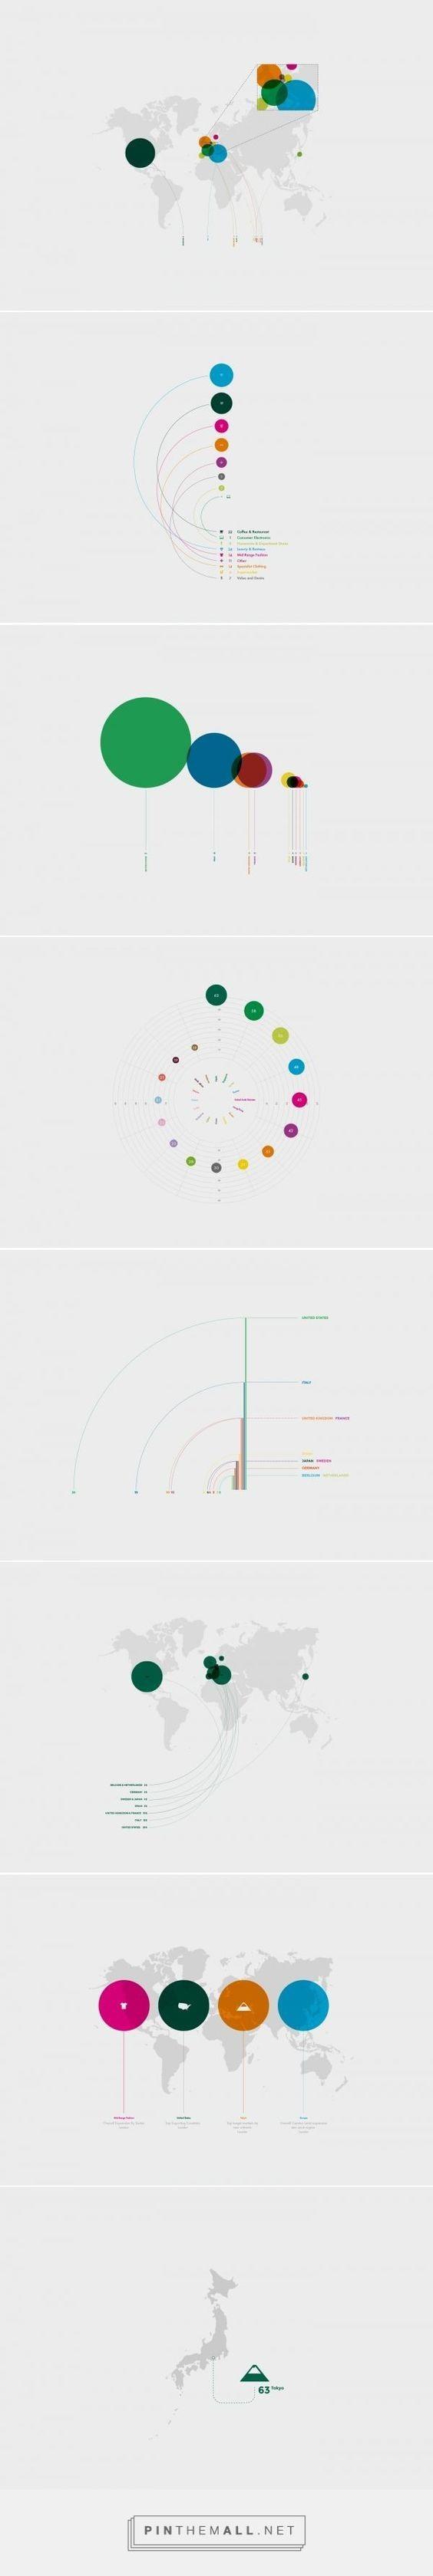 원형 그래프 디자인